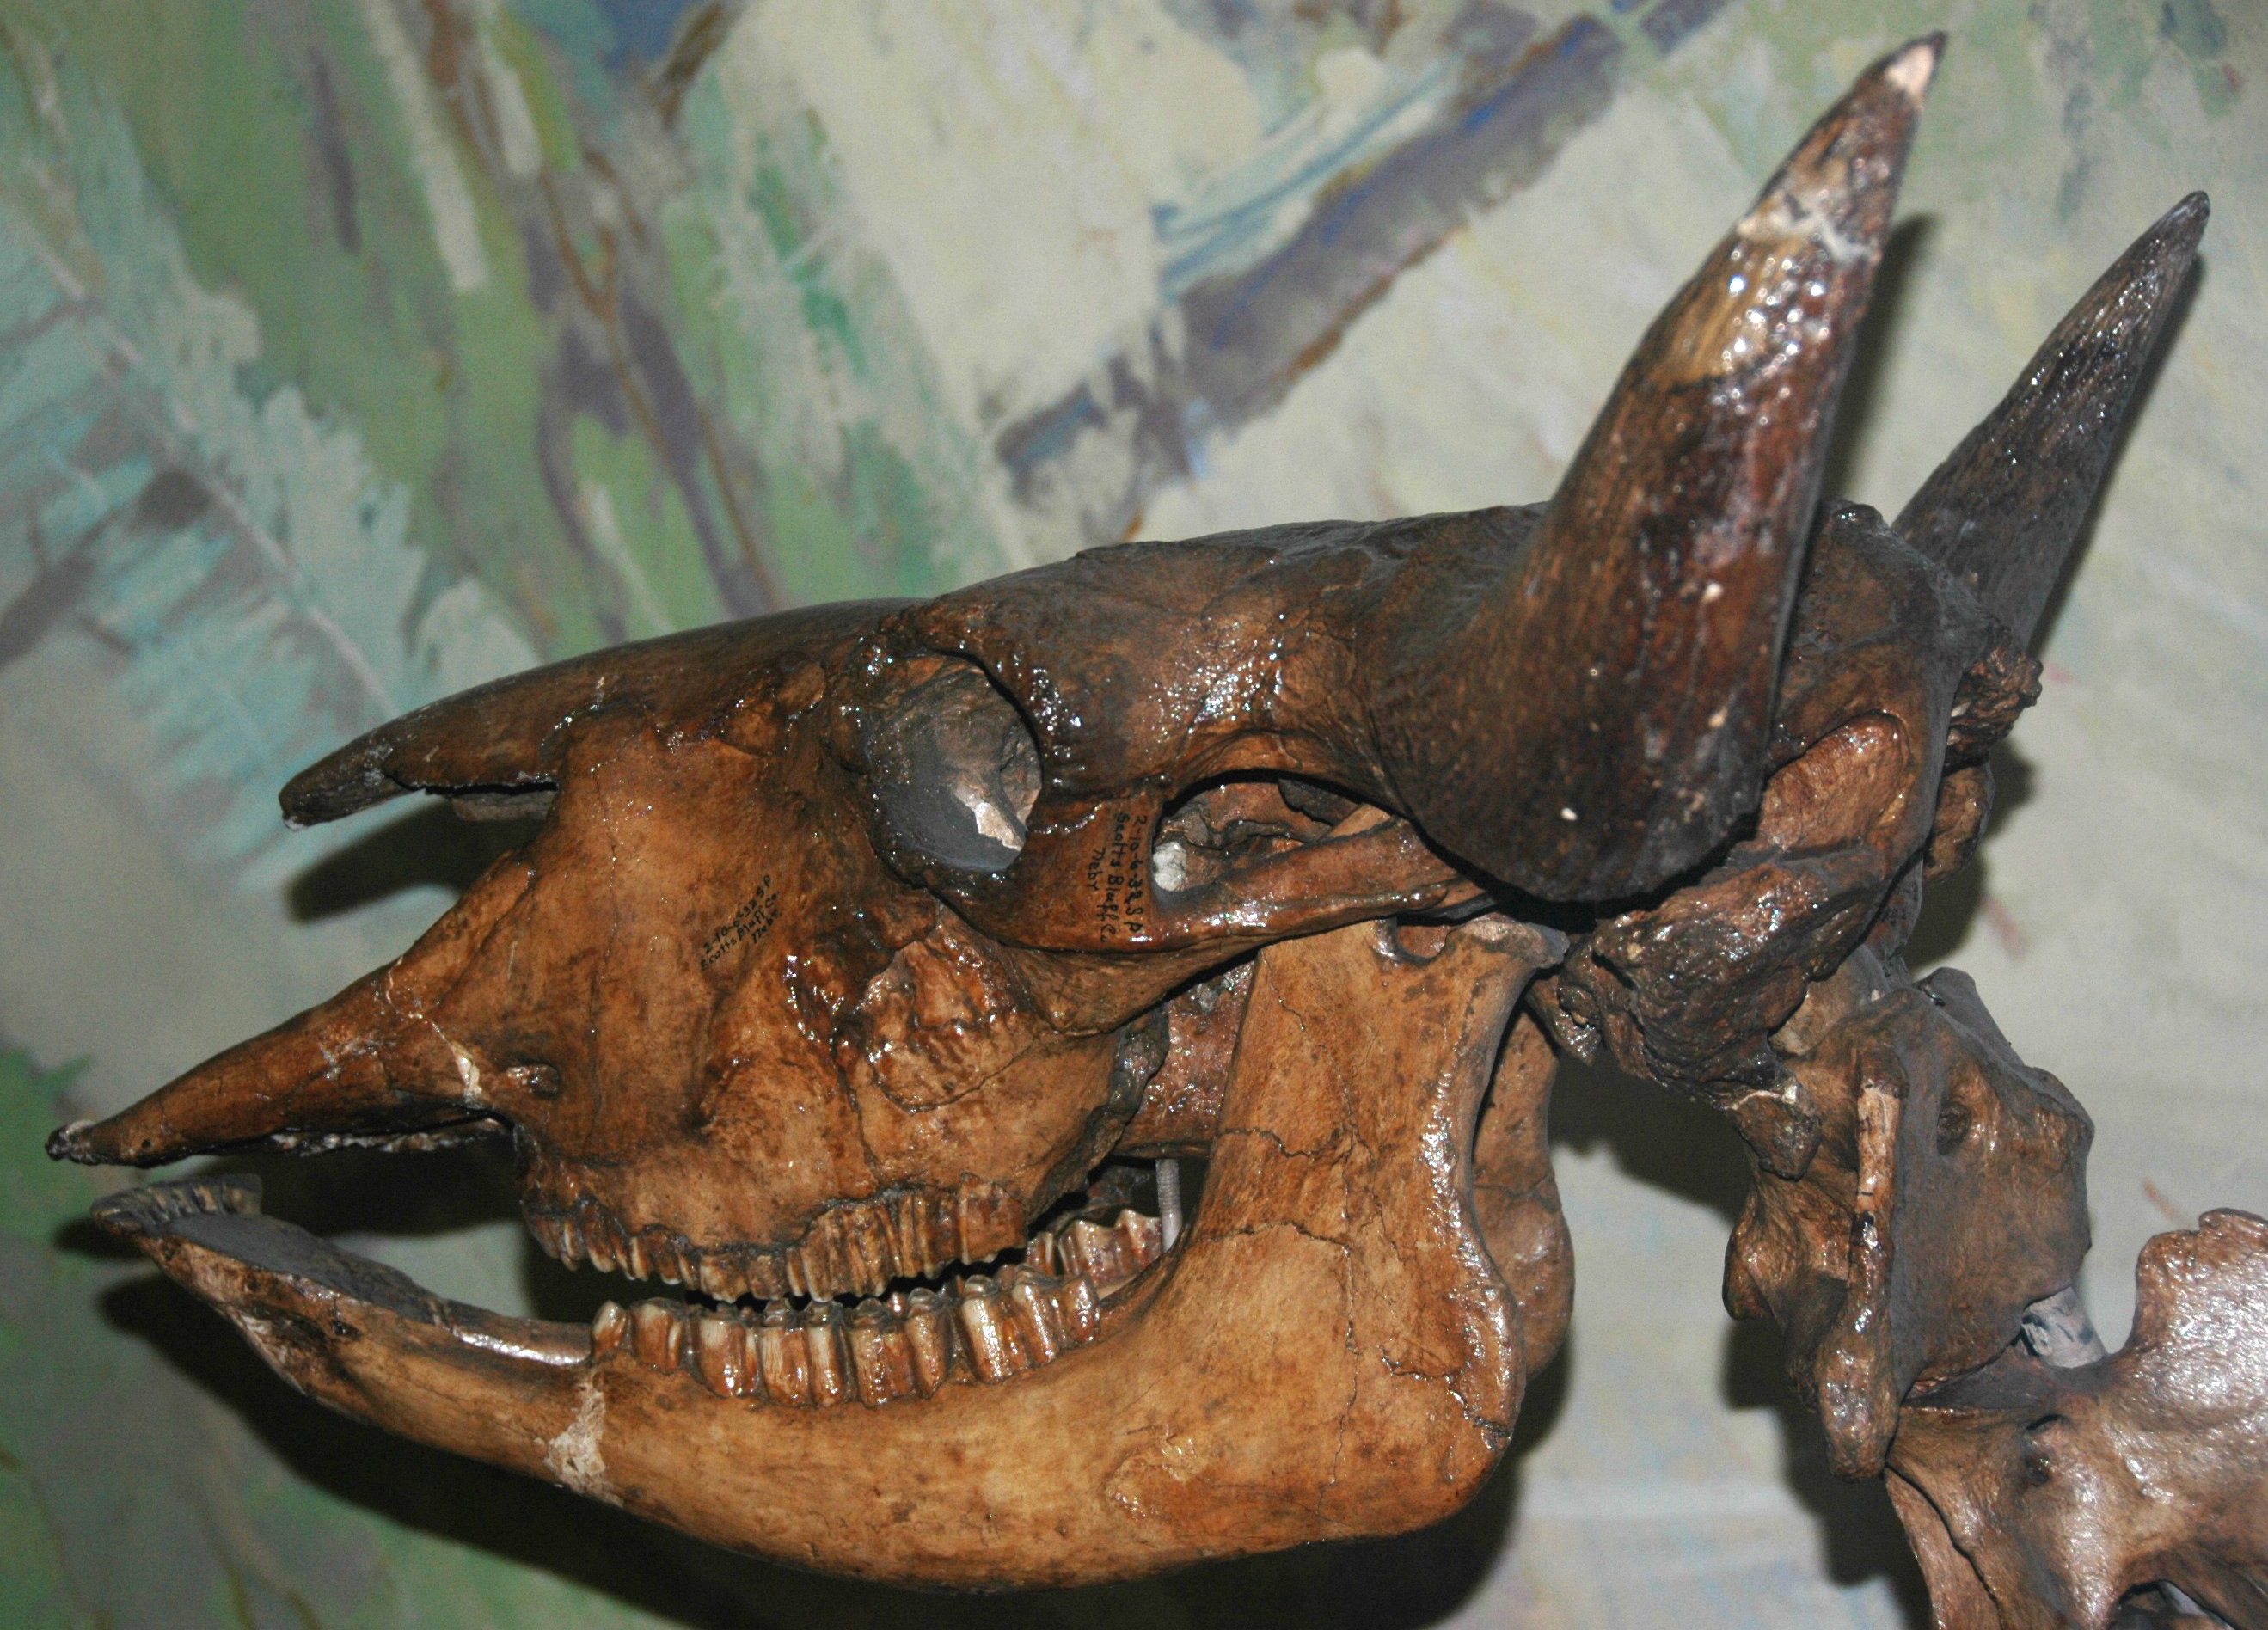 Bison antiquus wiki - photo#24